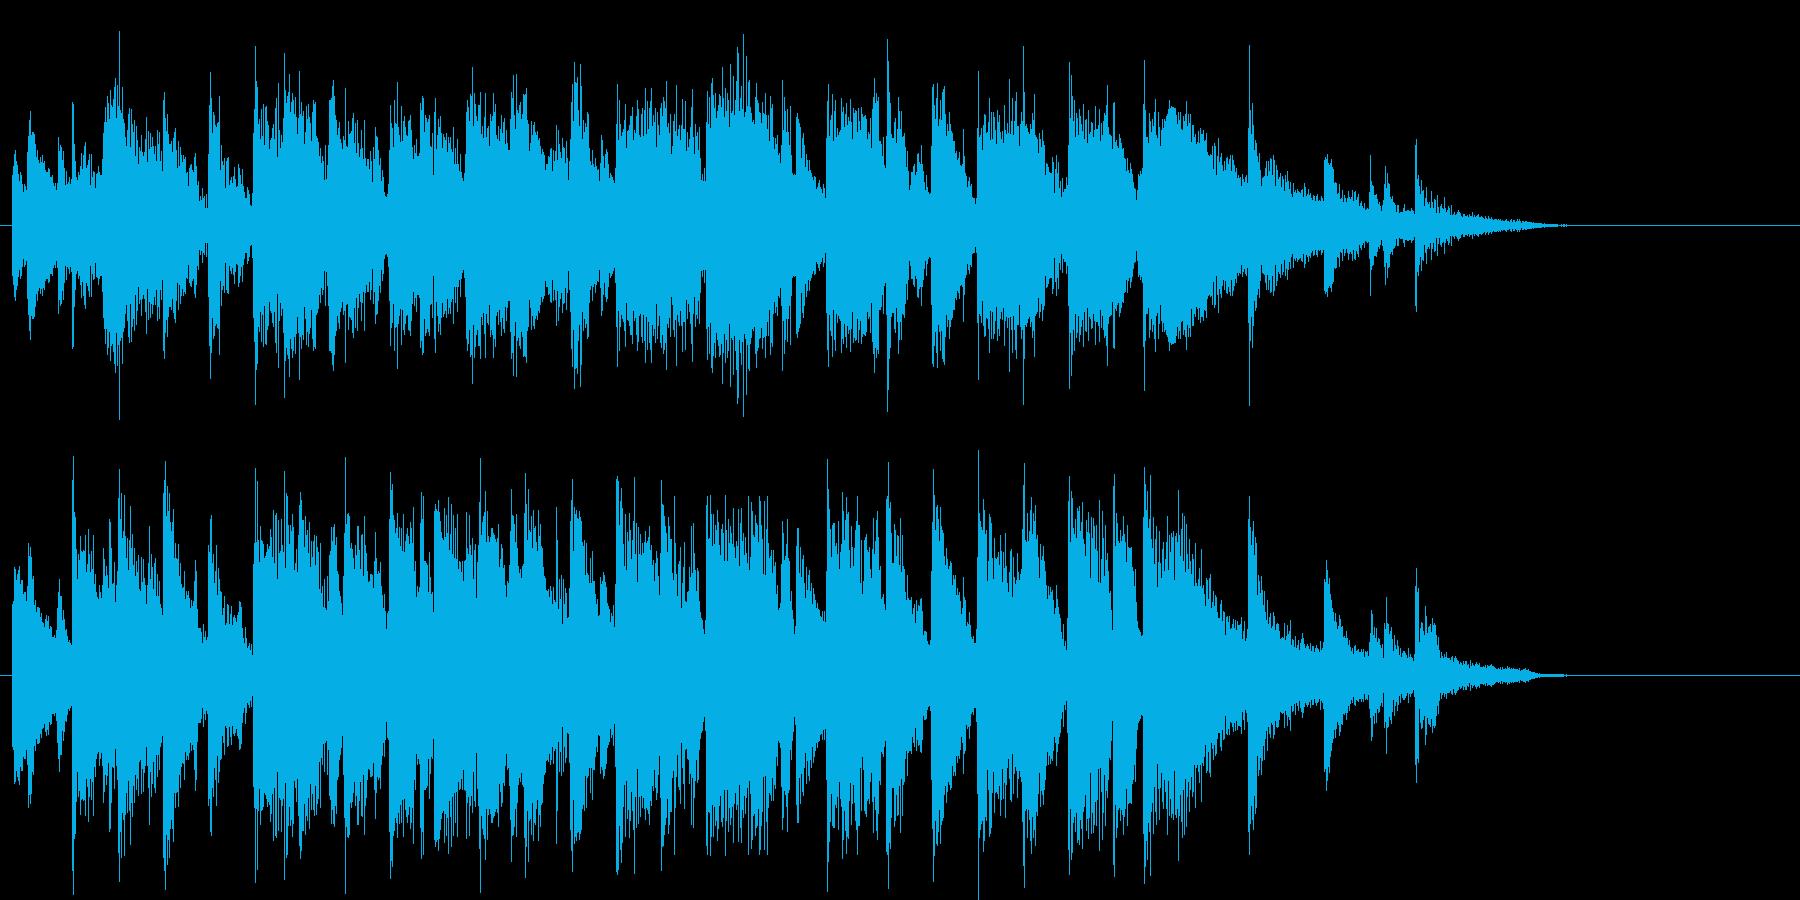 ロマンチックなピアノジャズジングルの再生済みの波形